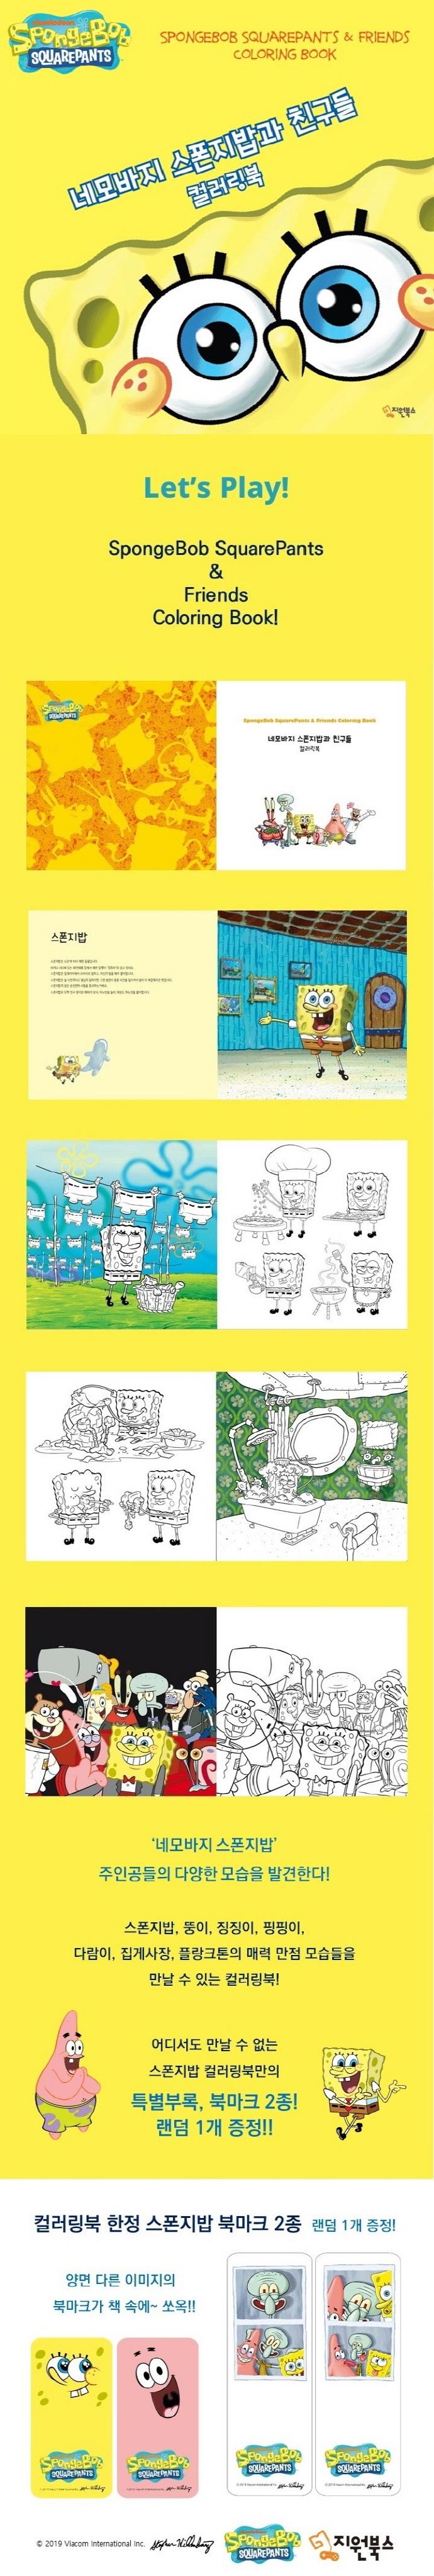 네모바지 스폰지밥과 친구들(컬러링북) 도서 상세이미지